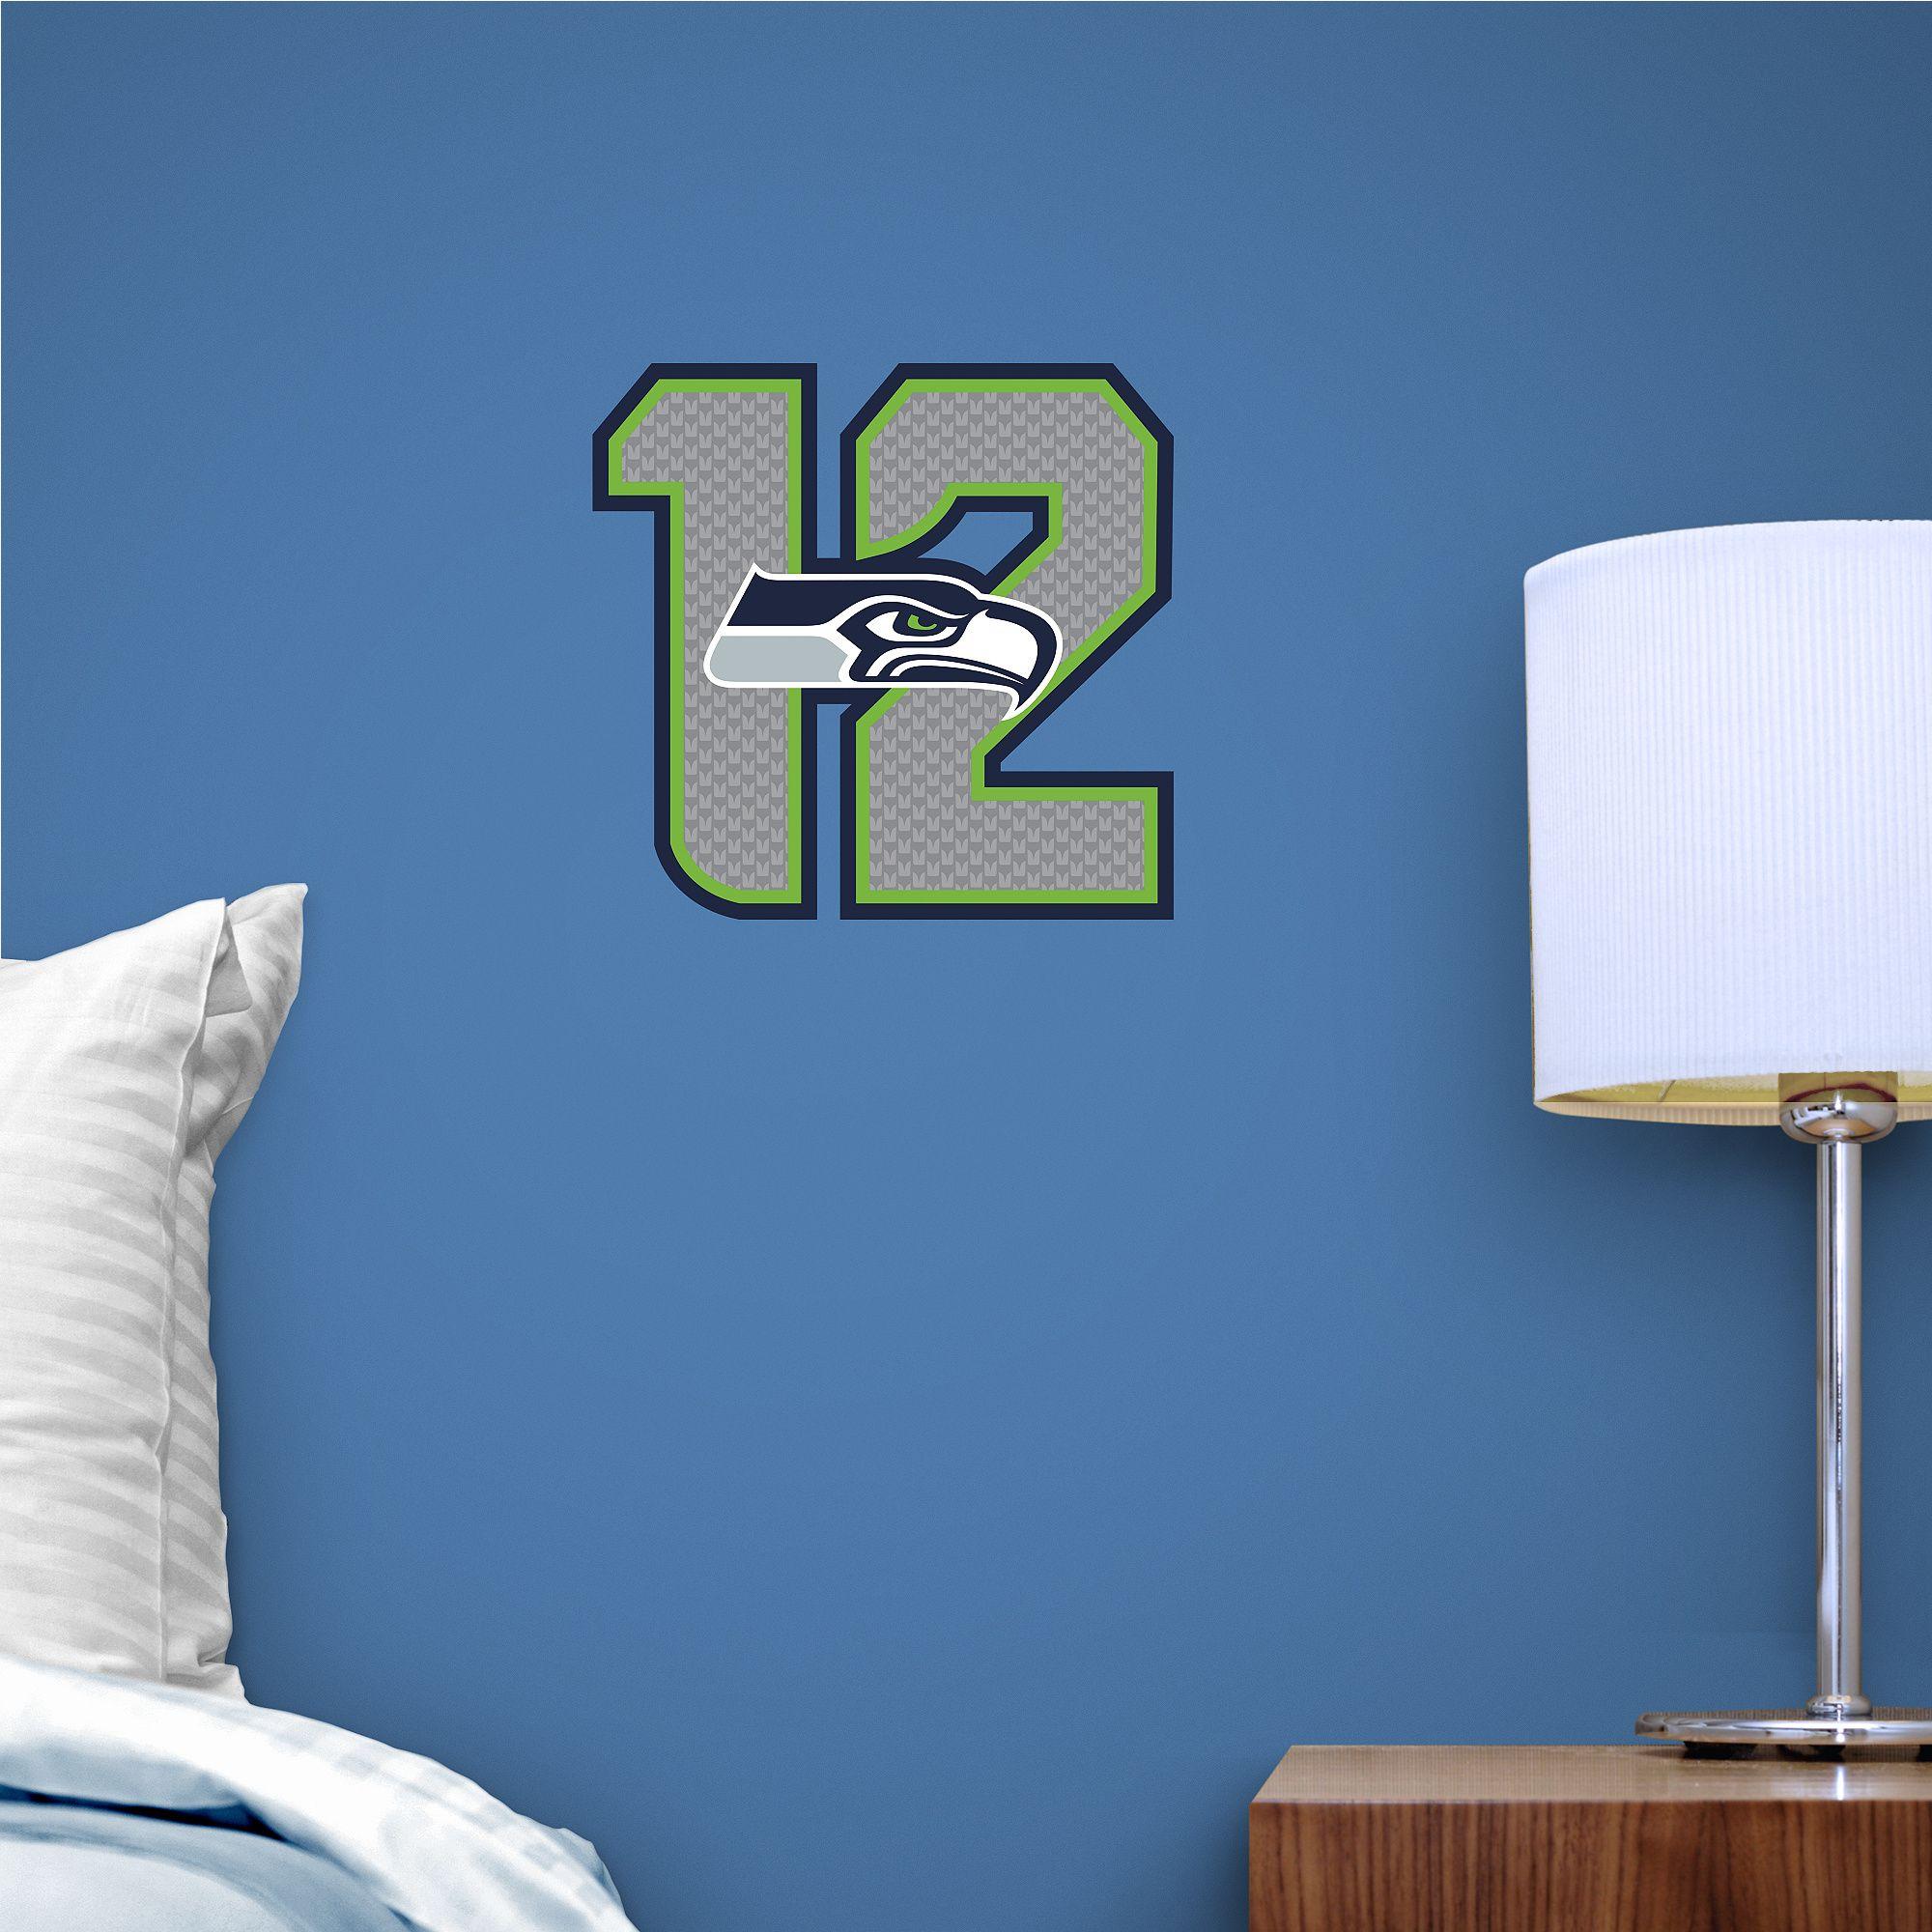 Seattle Seahawks 12 Logo